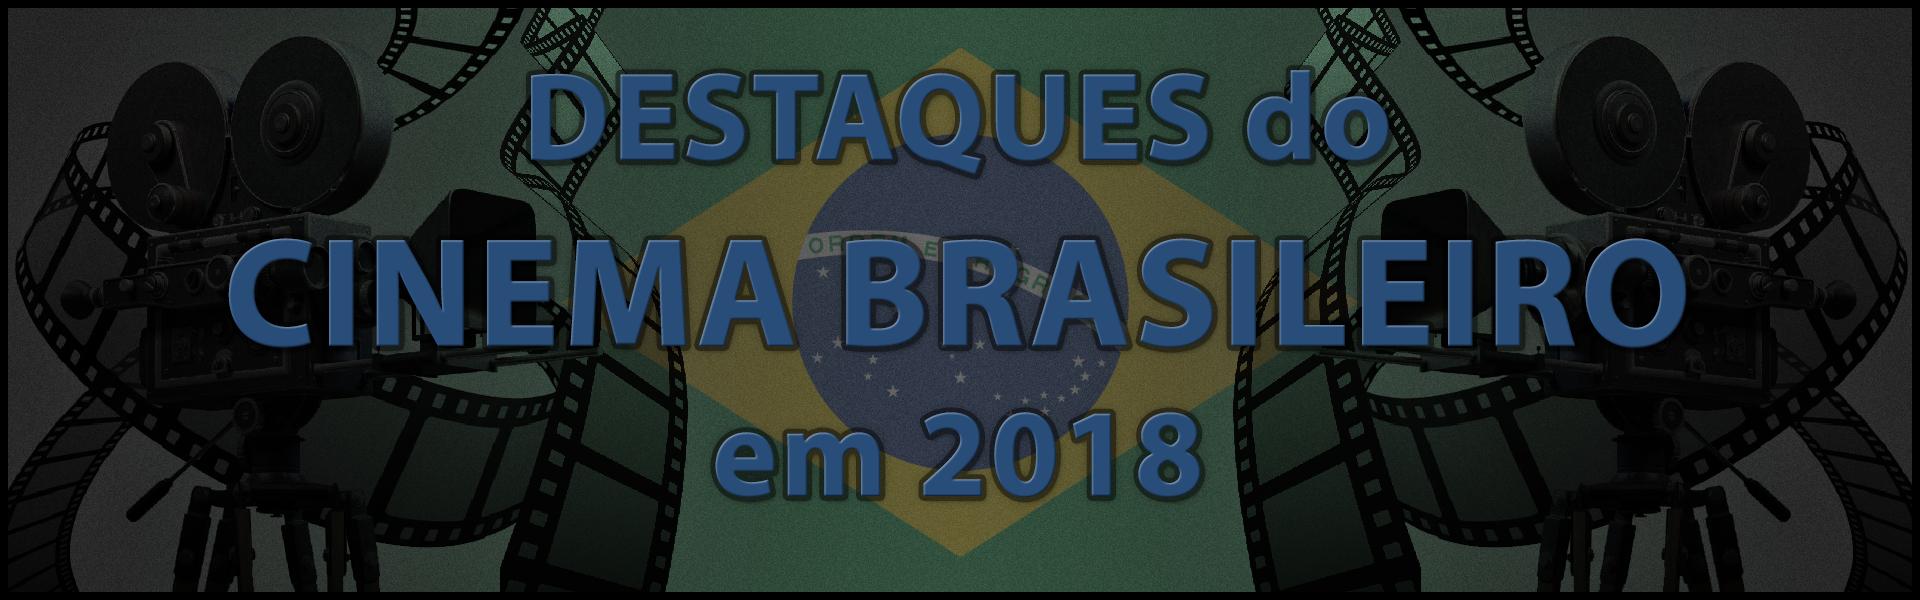 Destaques do Cinema Brasileiro em 2018